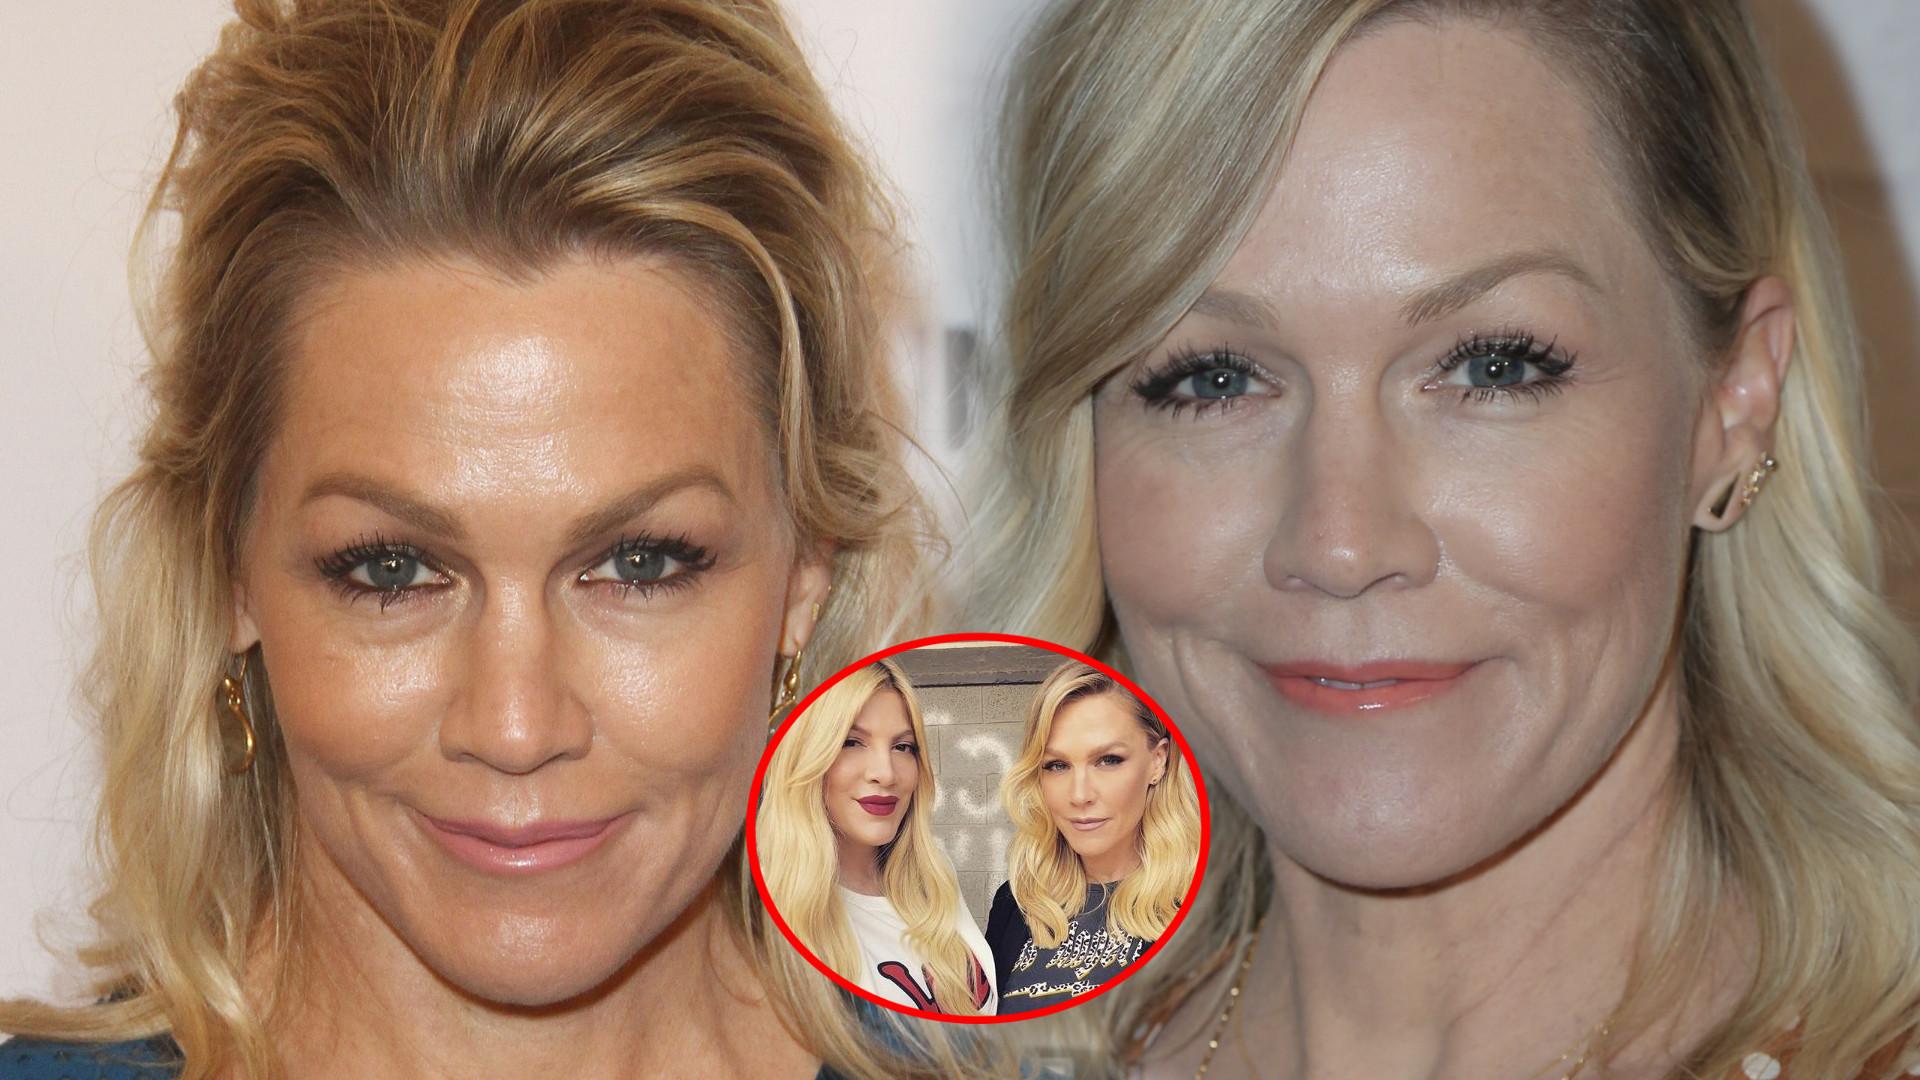 Co zrobiłaś z twarzą? – Fani Jennie Garth zobaczyli nowe zdjęcie gwiazdy Beverly Hills i oniemieli